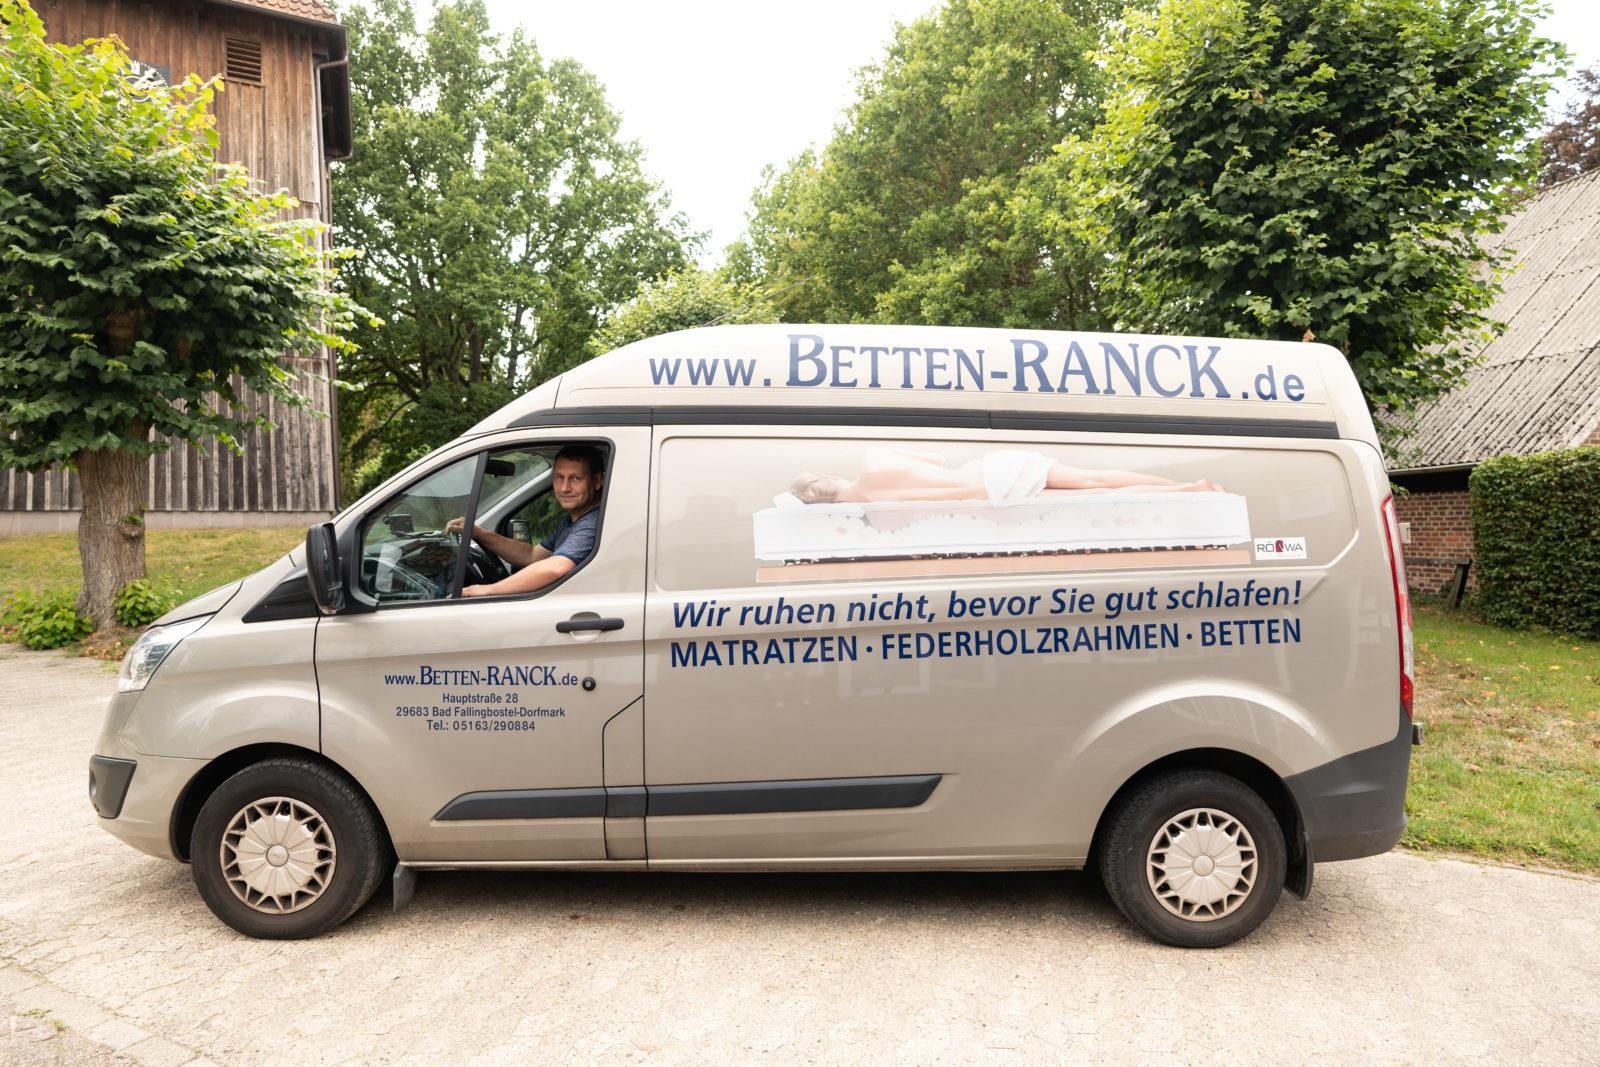 Betten Ranck Frei-Haus Lieferservice im Heidekreis